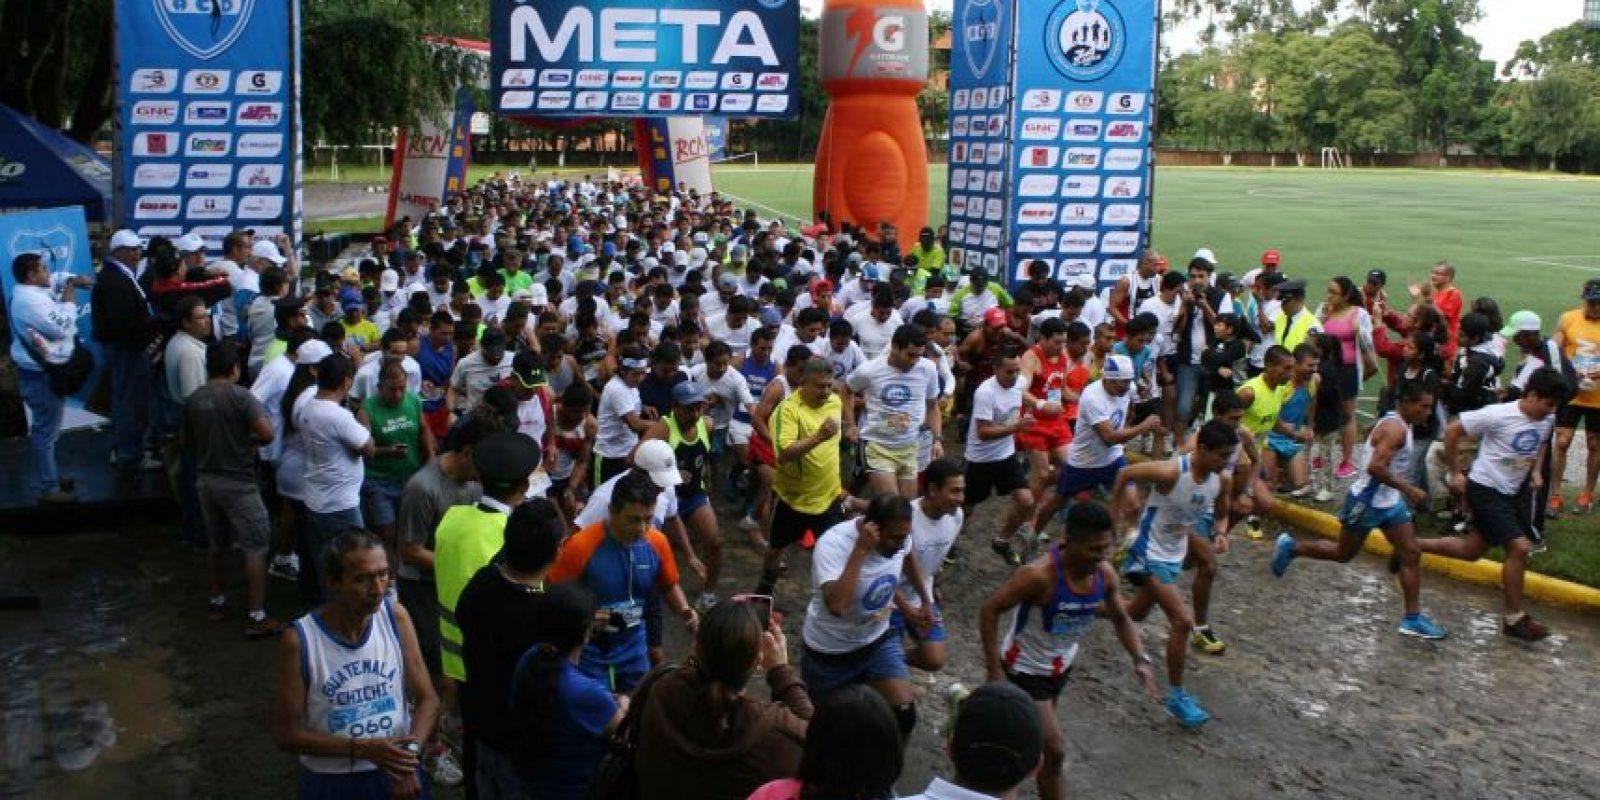 La carrera se llevará a cabo el 15 de septiembre por la mañana. Foto:Publinews